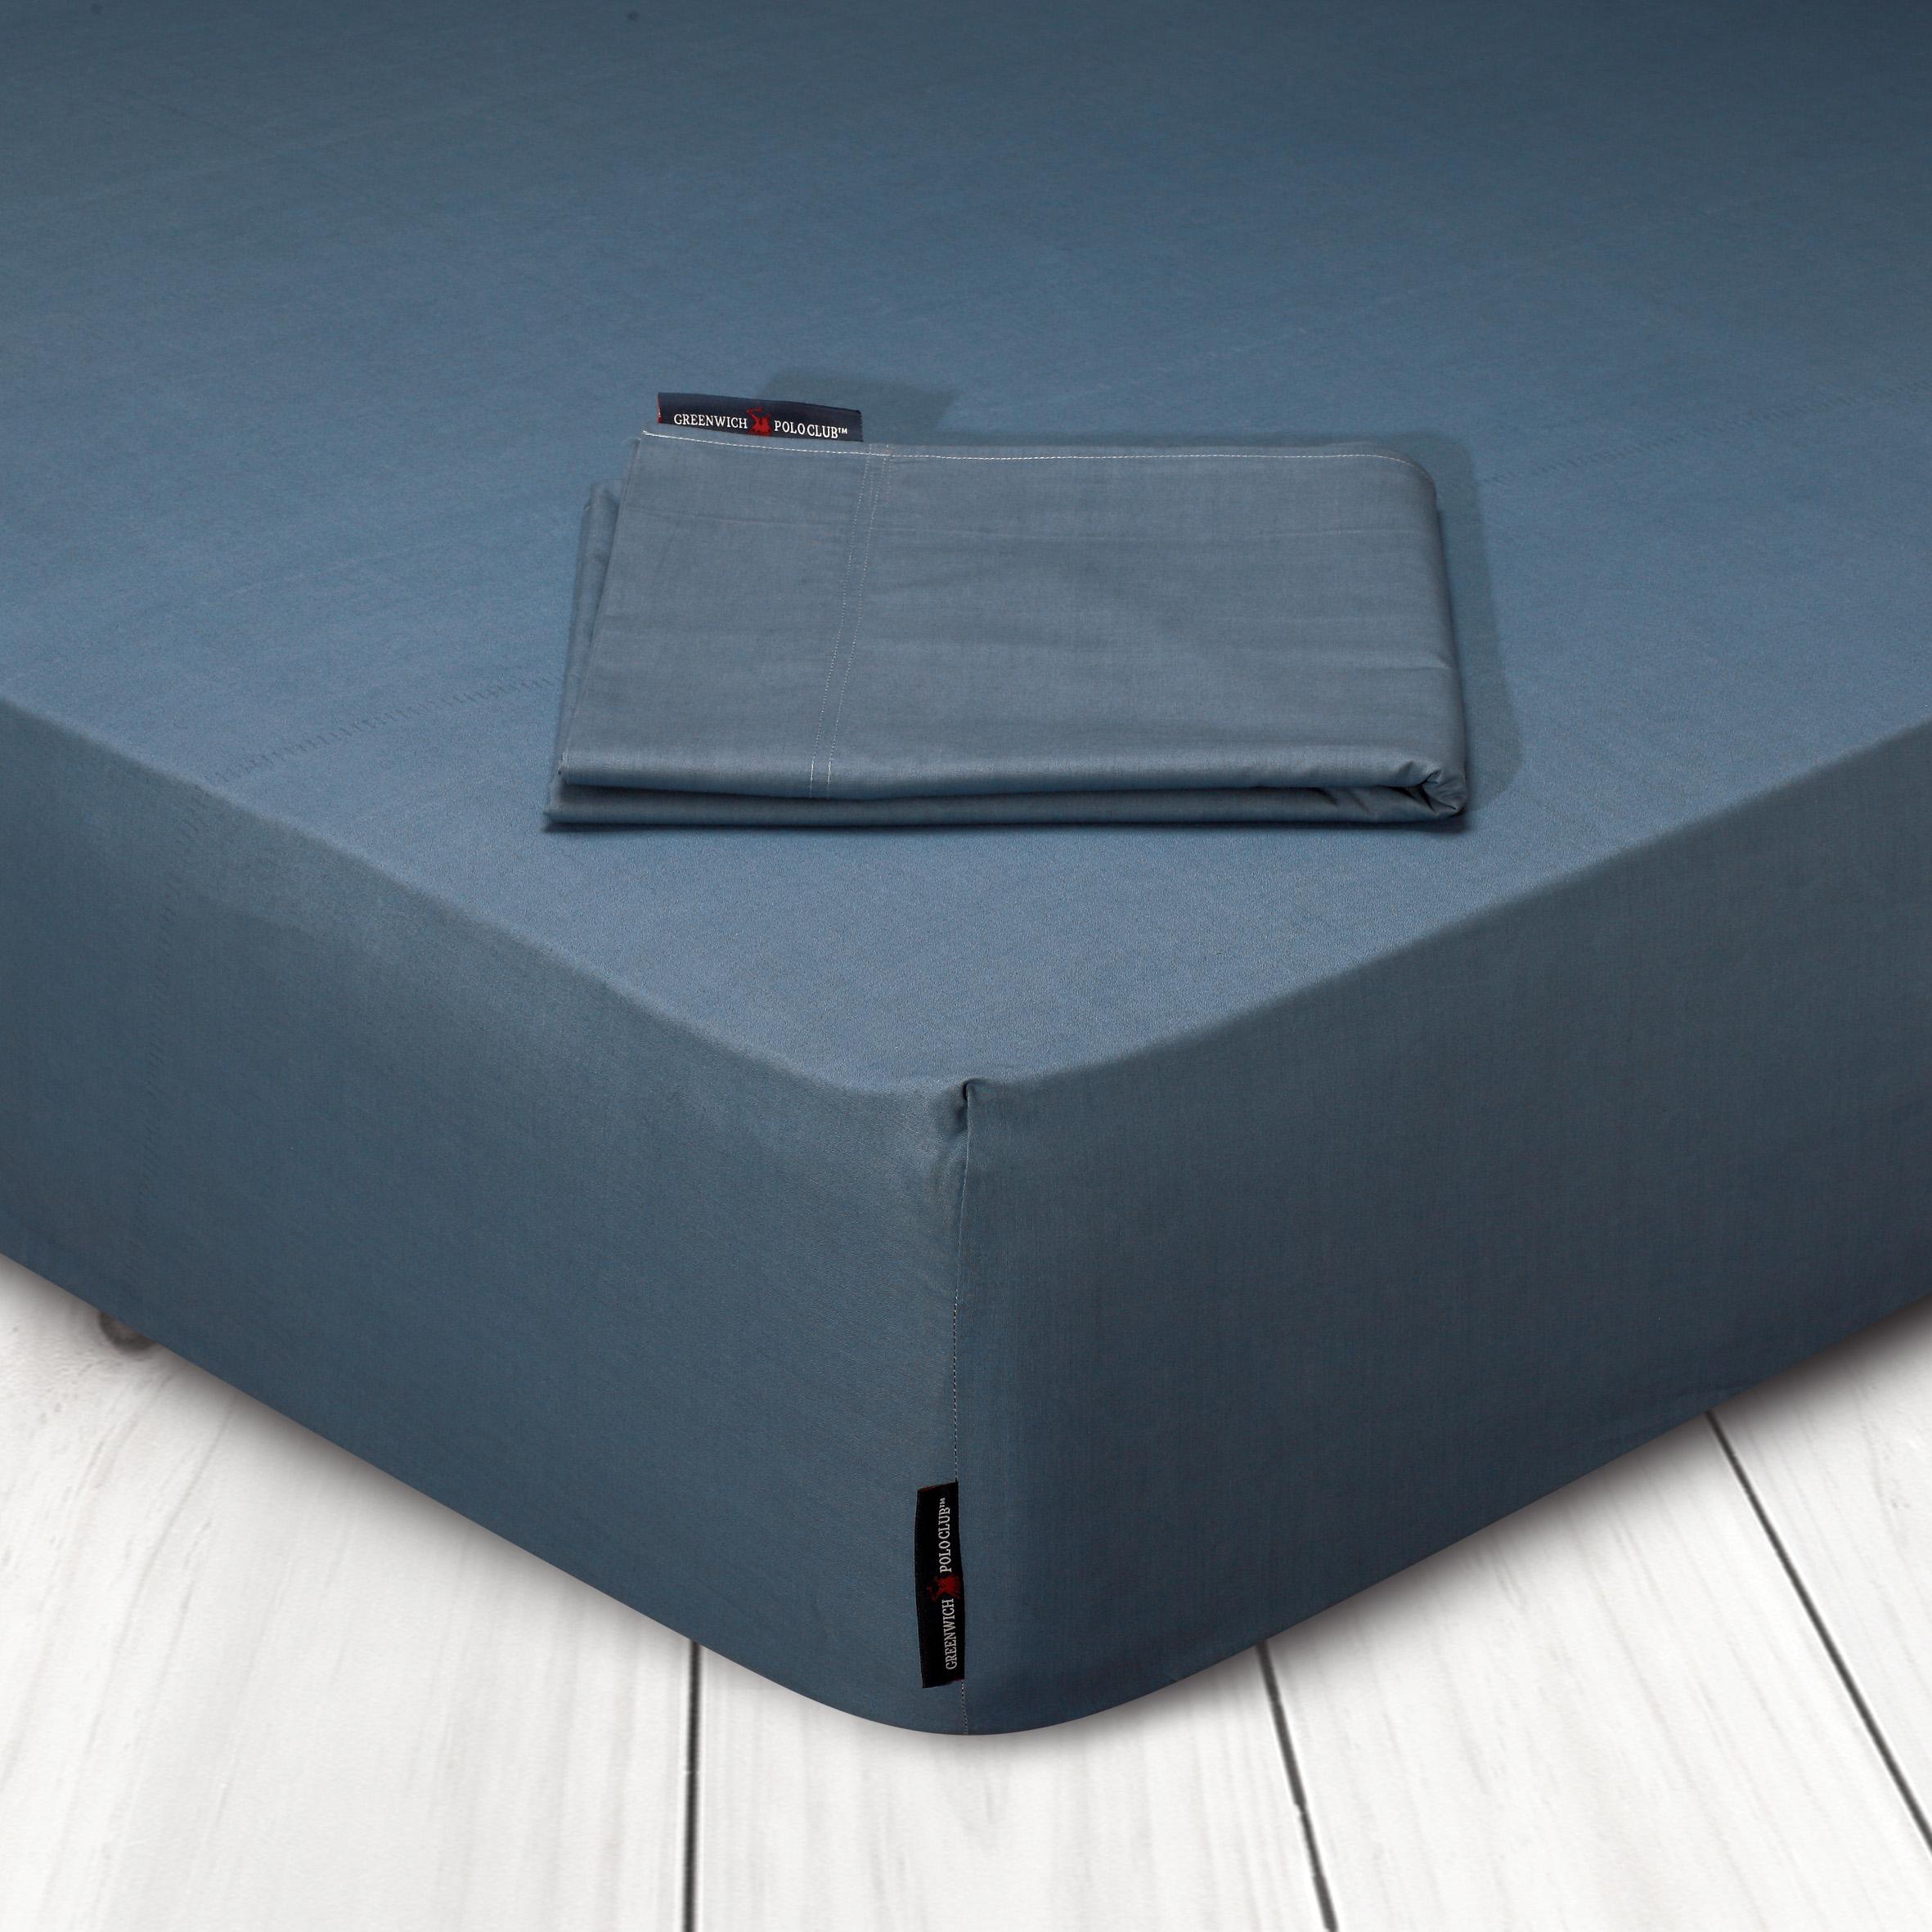 Σεντόνι Μεμονωμένο Υπέρδιπλο 160×200+35 Greenwich Polo Club Premium 2206 Μπλε Ραφ Με Λάστιχο